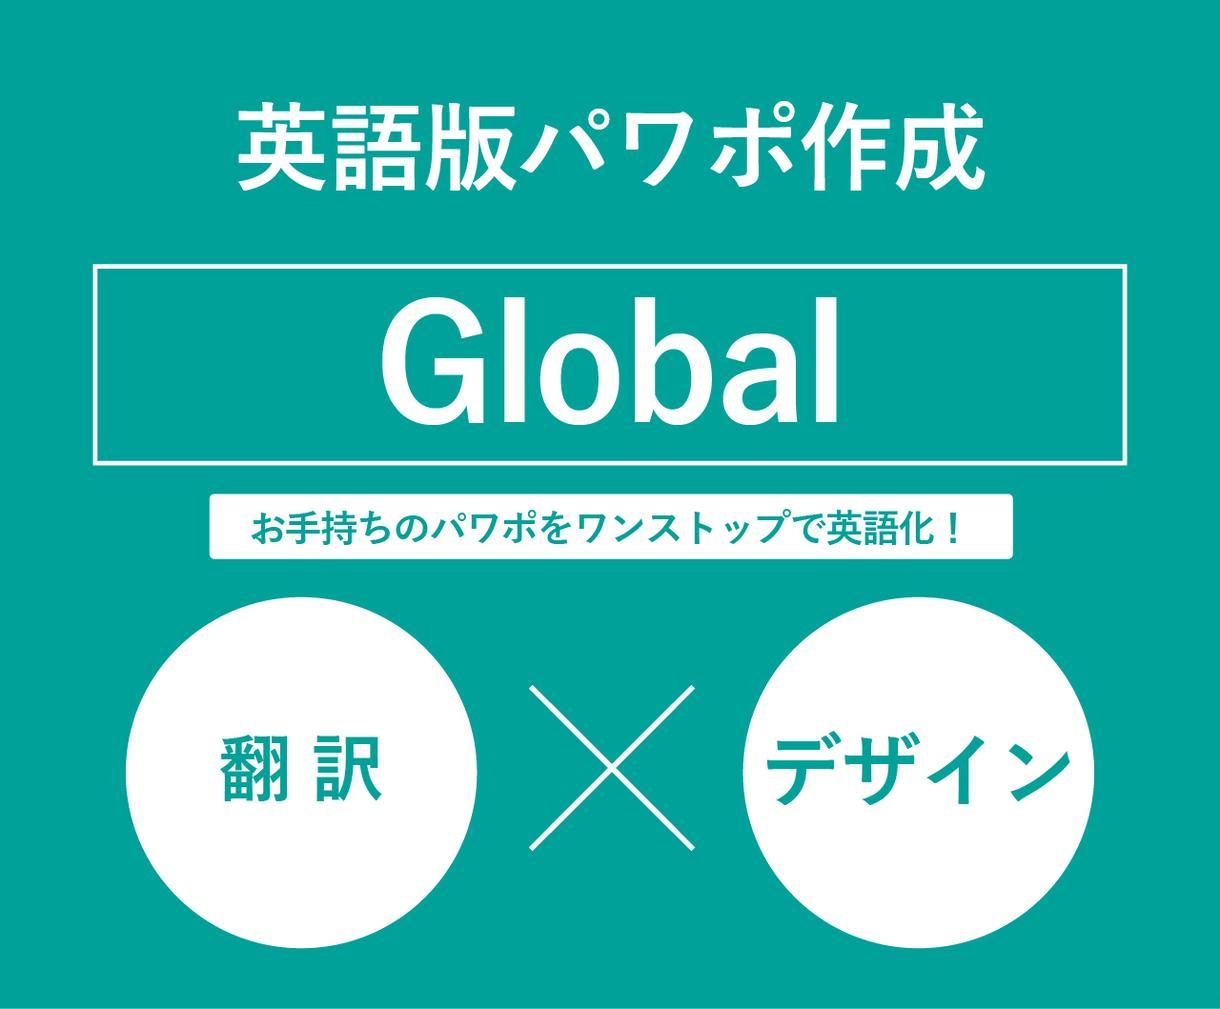 お手持ちのパワーポイント資料を翻訳、英語化します 英語版パワーポイント資料の作成! イメージ1